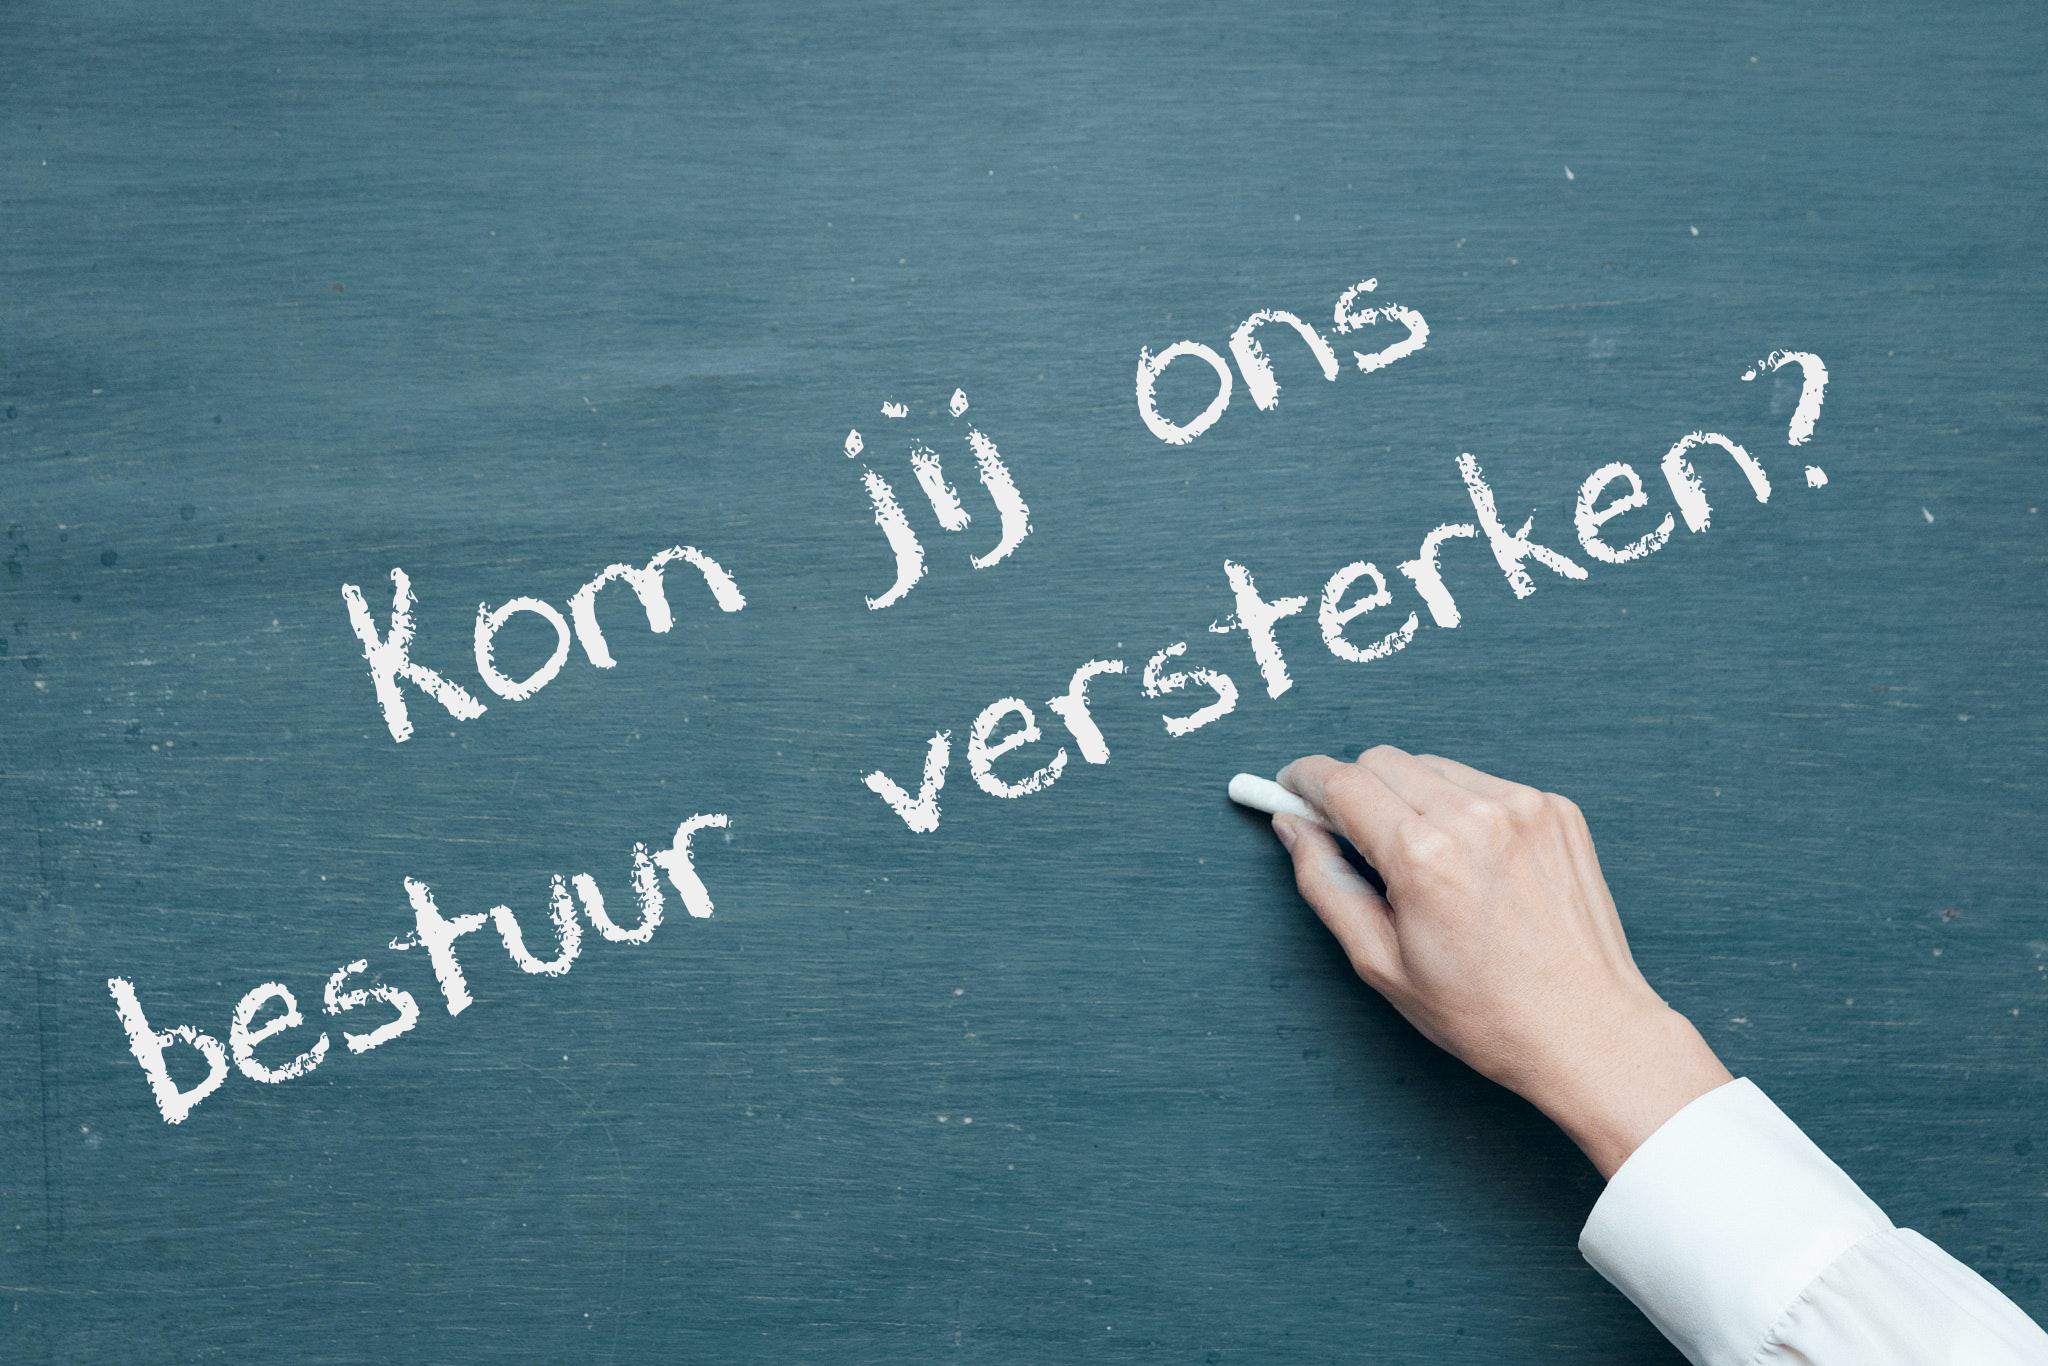 """<span class=""""urisp-layout3-title urisp-layout3-title-946""""><a class=""""urisp-layout3-link urisp-layout3-link-946"""" href=""""https://www.hartenlongtransplantatie.nl/2020/07/07/bestuursleden-gezocht/"""" target=""""_blank"""">Versterking bestuur</a></span><span class=""""urisp-layout3-desc urisp-layout3-desc-946"""">Kom jij ons bestuur versterken?</span>"""